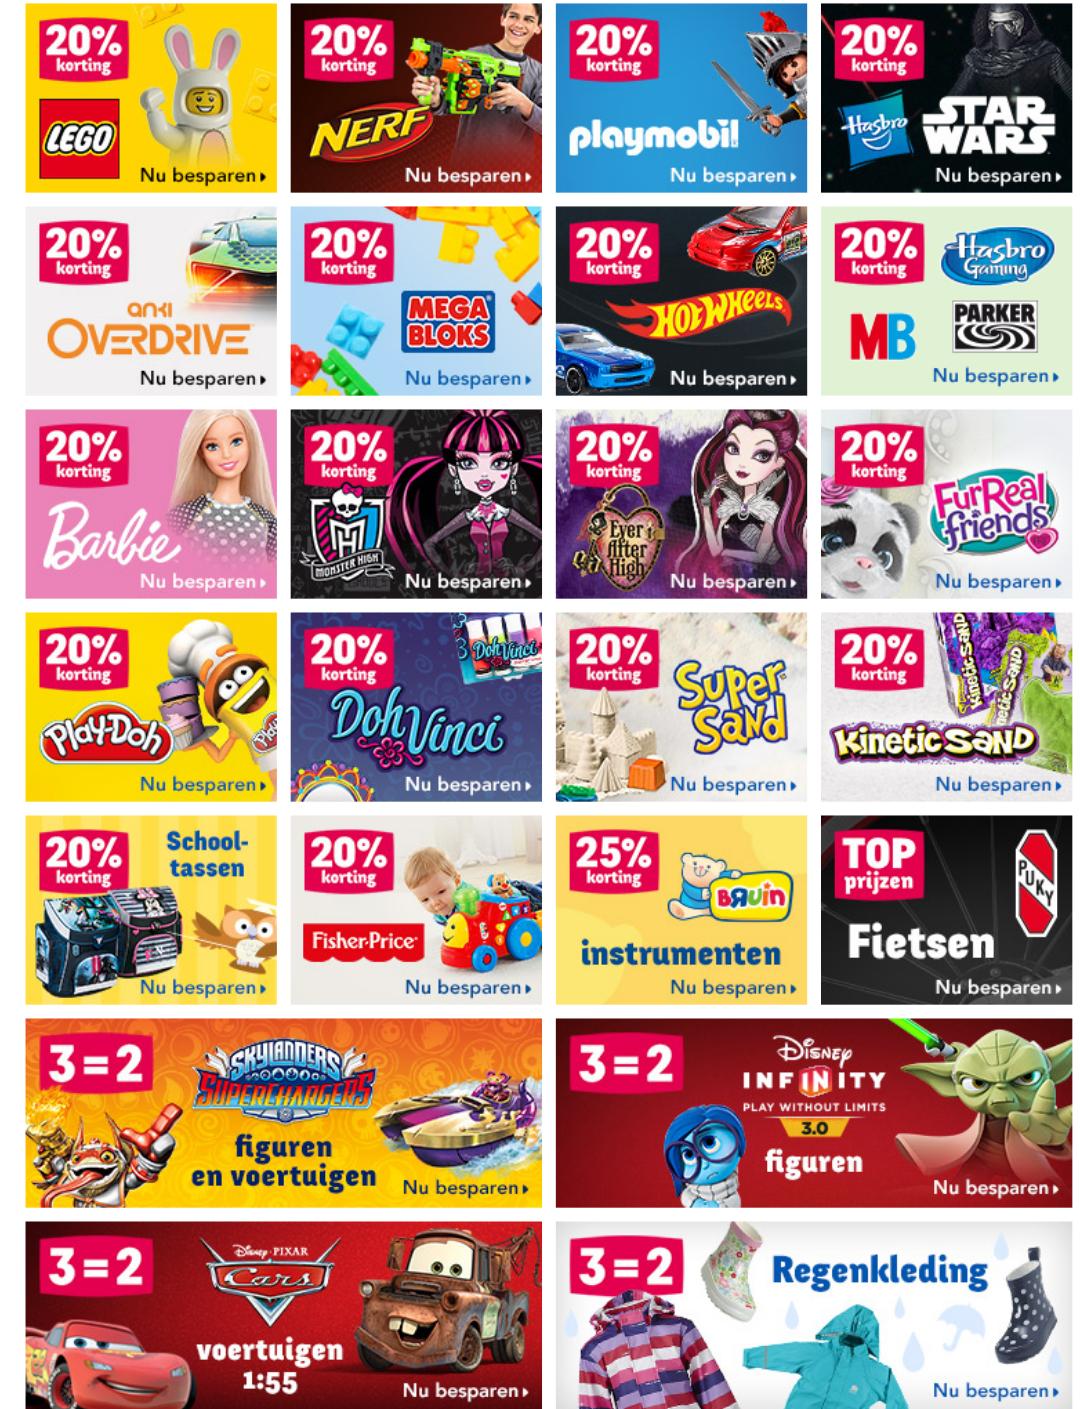 20% korting op LEGO, Playmobil, Barbie, Nerf en meer @ Toysrus